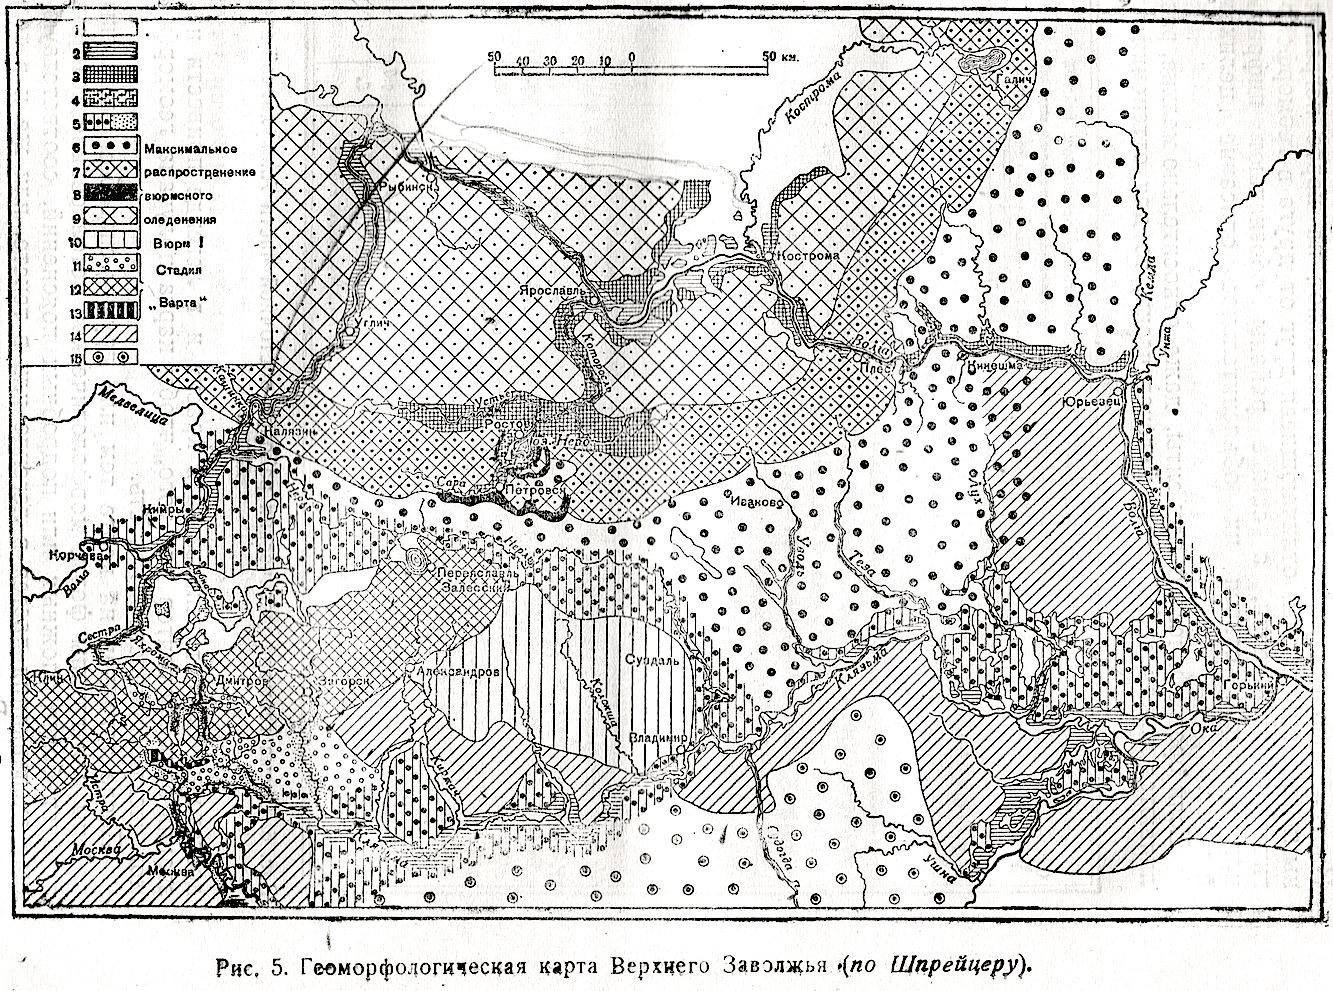 Изображение 5: Геоморфологическая карта Верхнего Заволжья (по Шпрейцеру). Изображение можно увеличить..